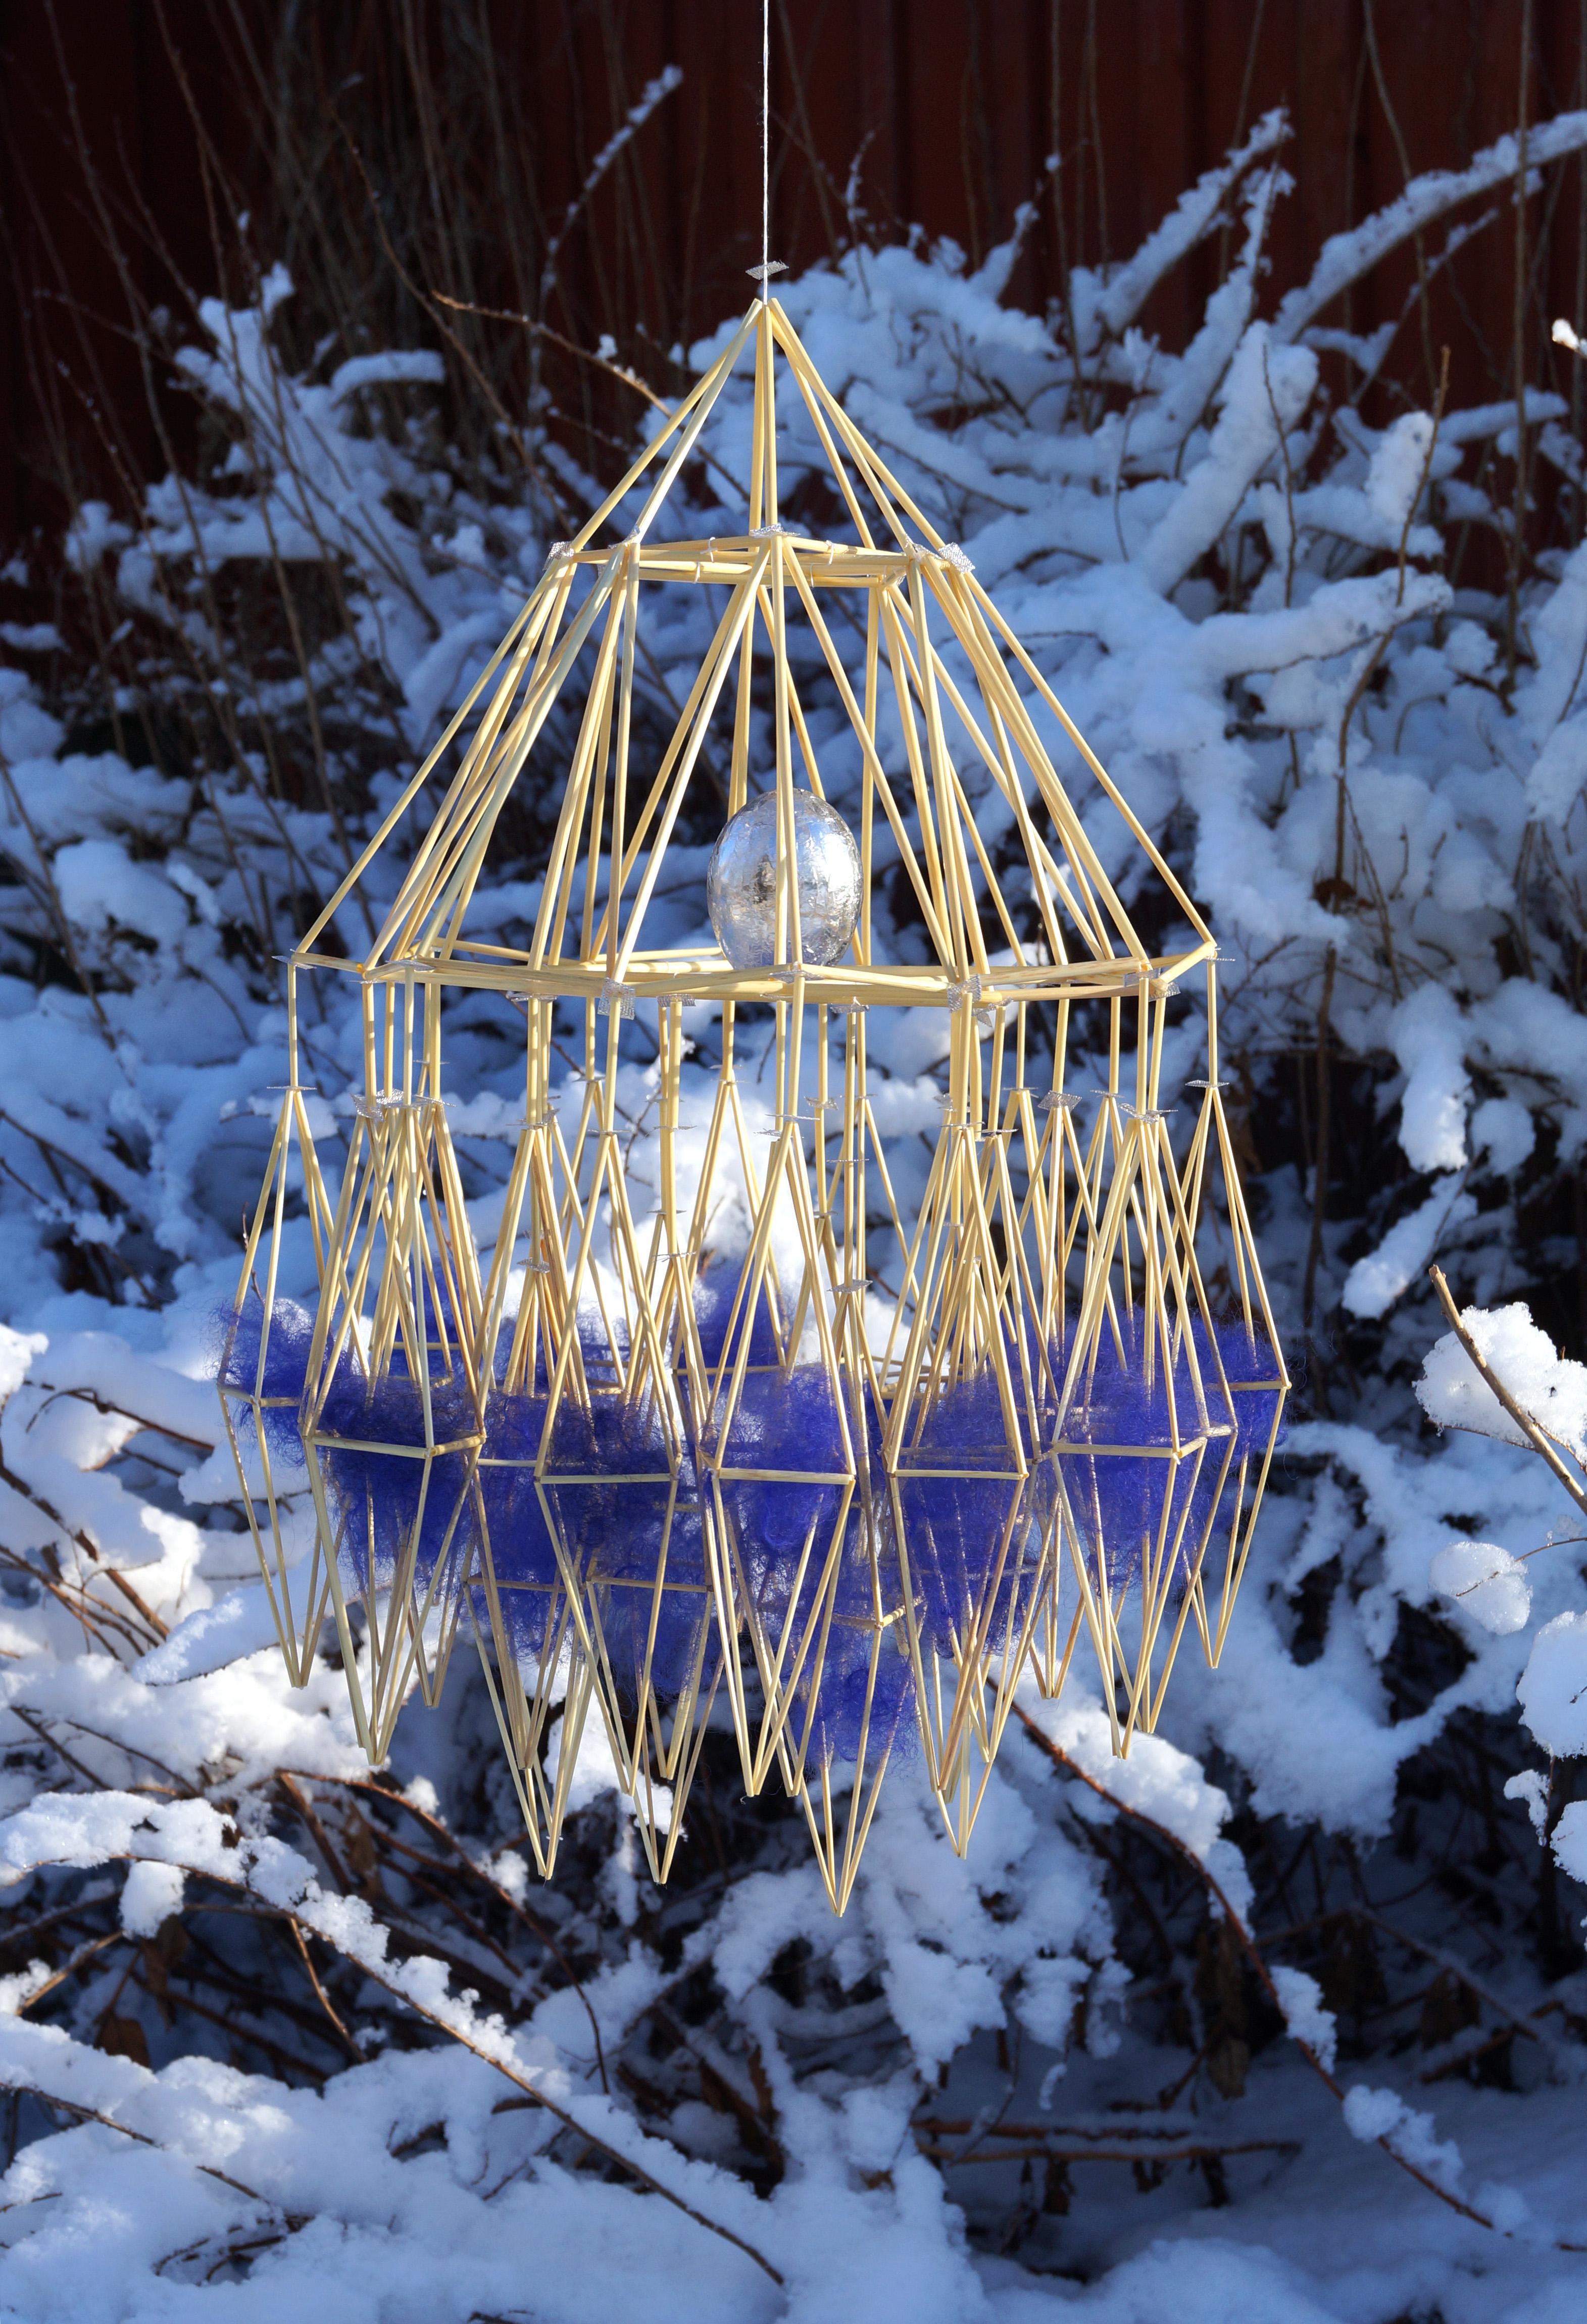 I vacker vinterskrud, verk av Per-Åke Backman, fotat i Lycka i Leksand. Den pågående utställningen visar både nygjorda verk och verk i retrospektiv. (Foto Ingela Sannesjö)